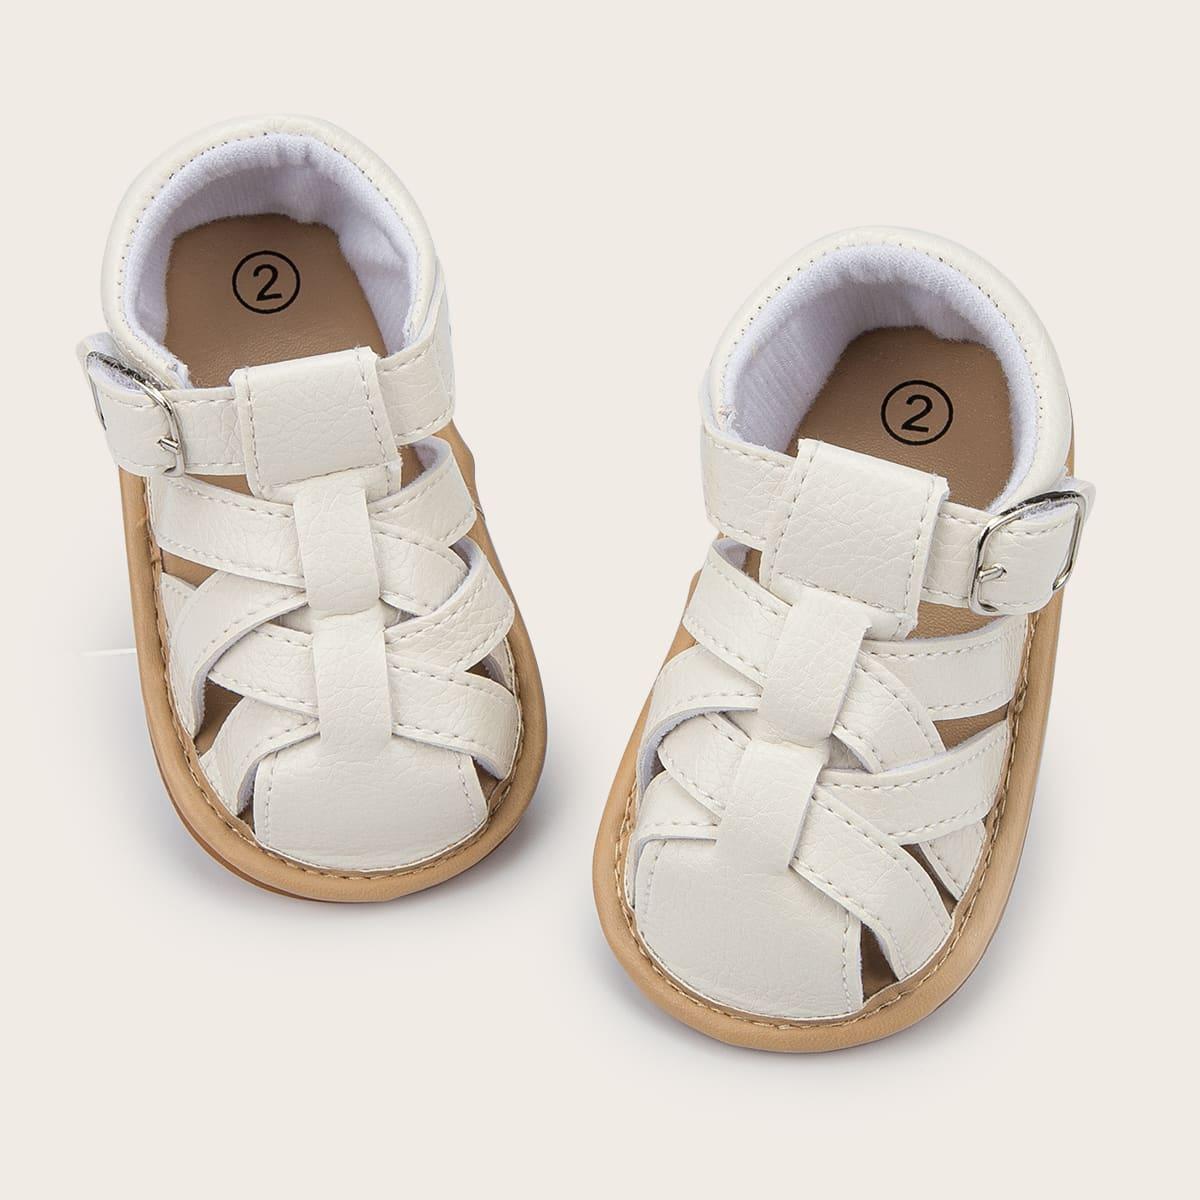 Минималистичные сандалии с плетеным дизайном для мальчиков SheIn skshoes25210528908